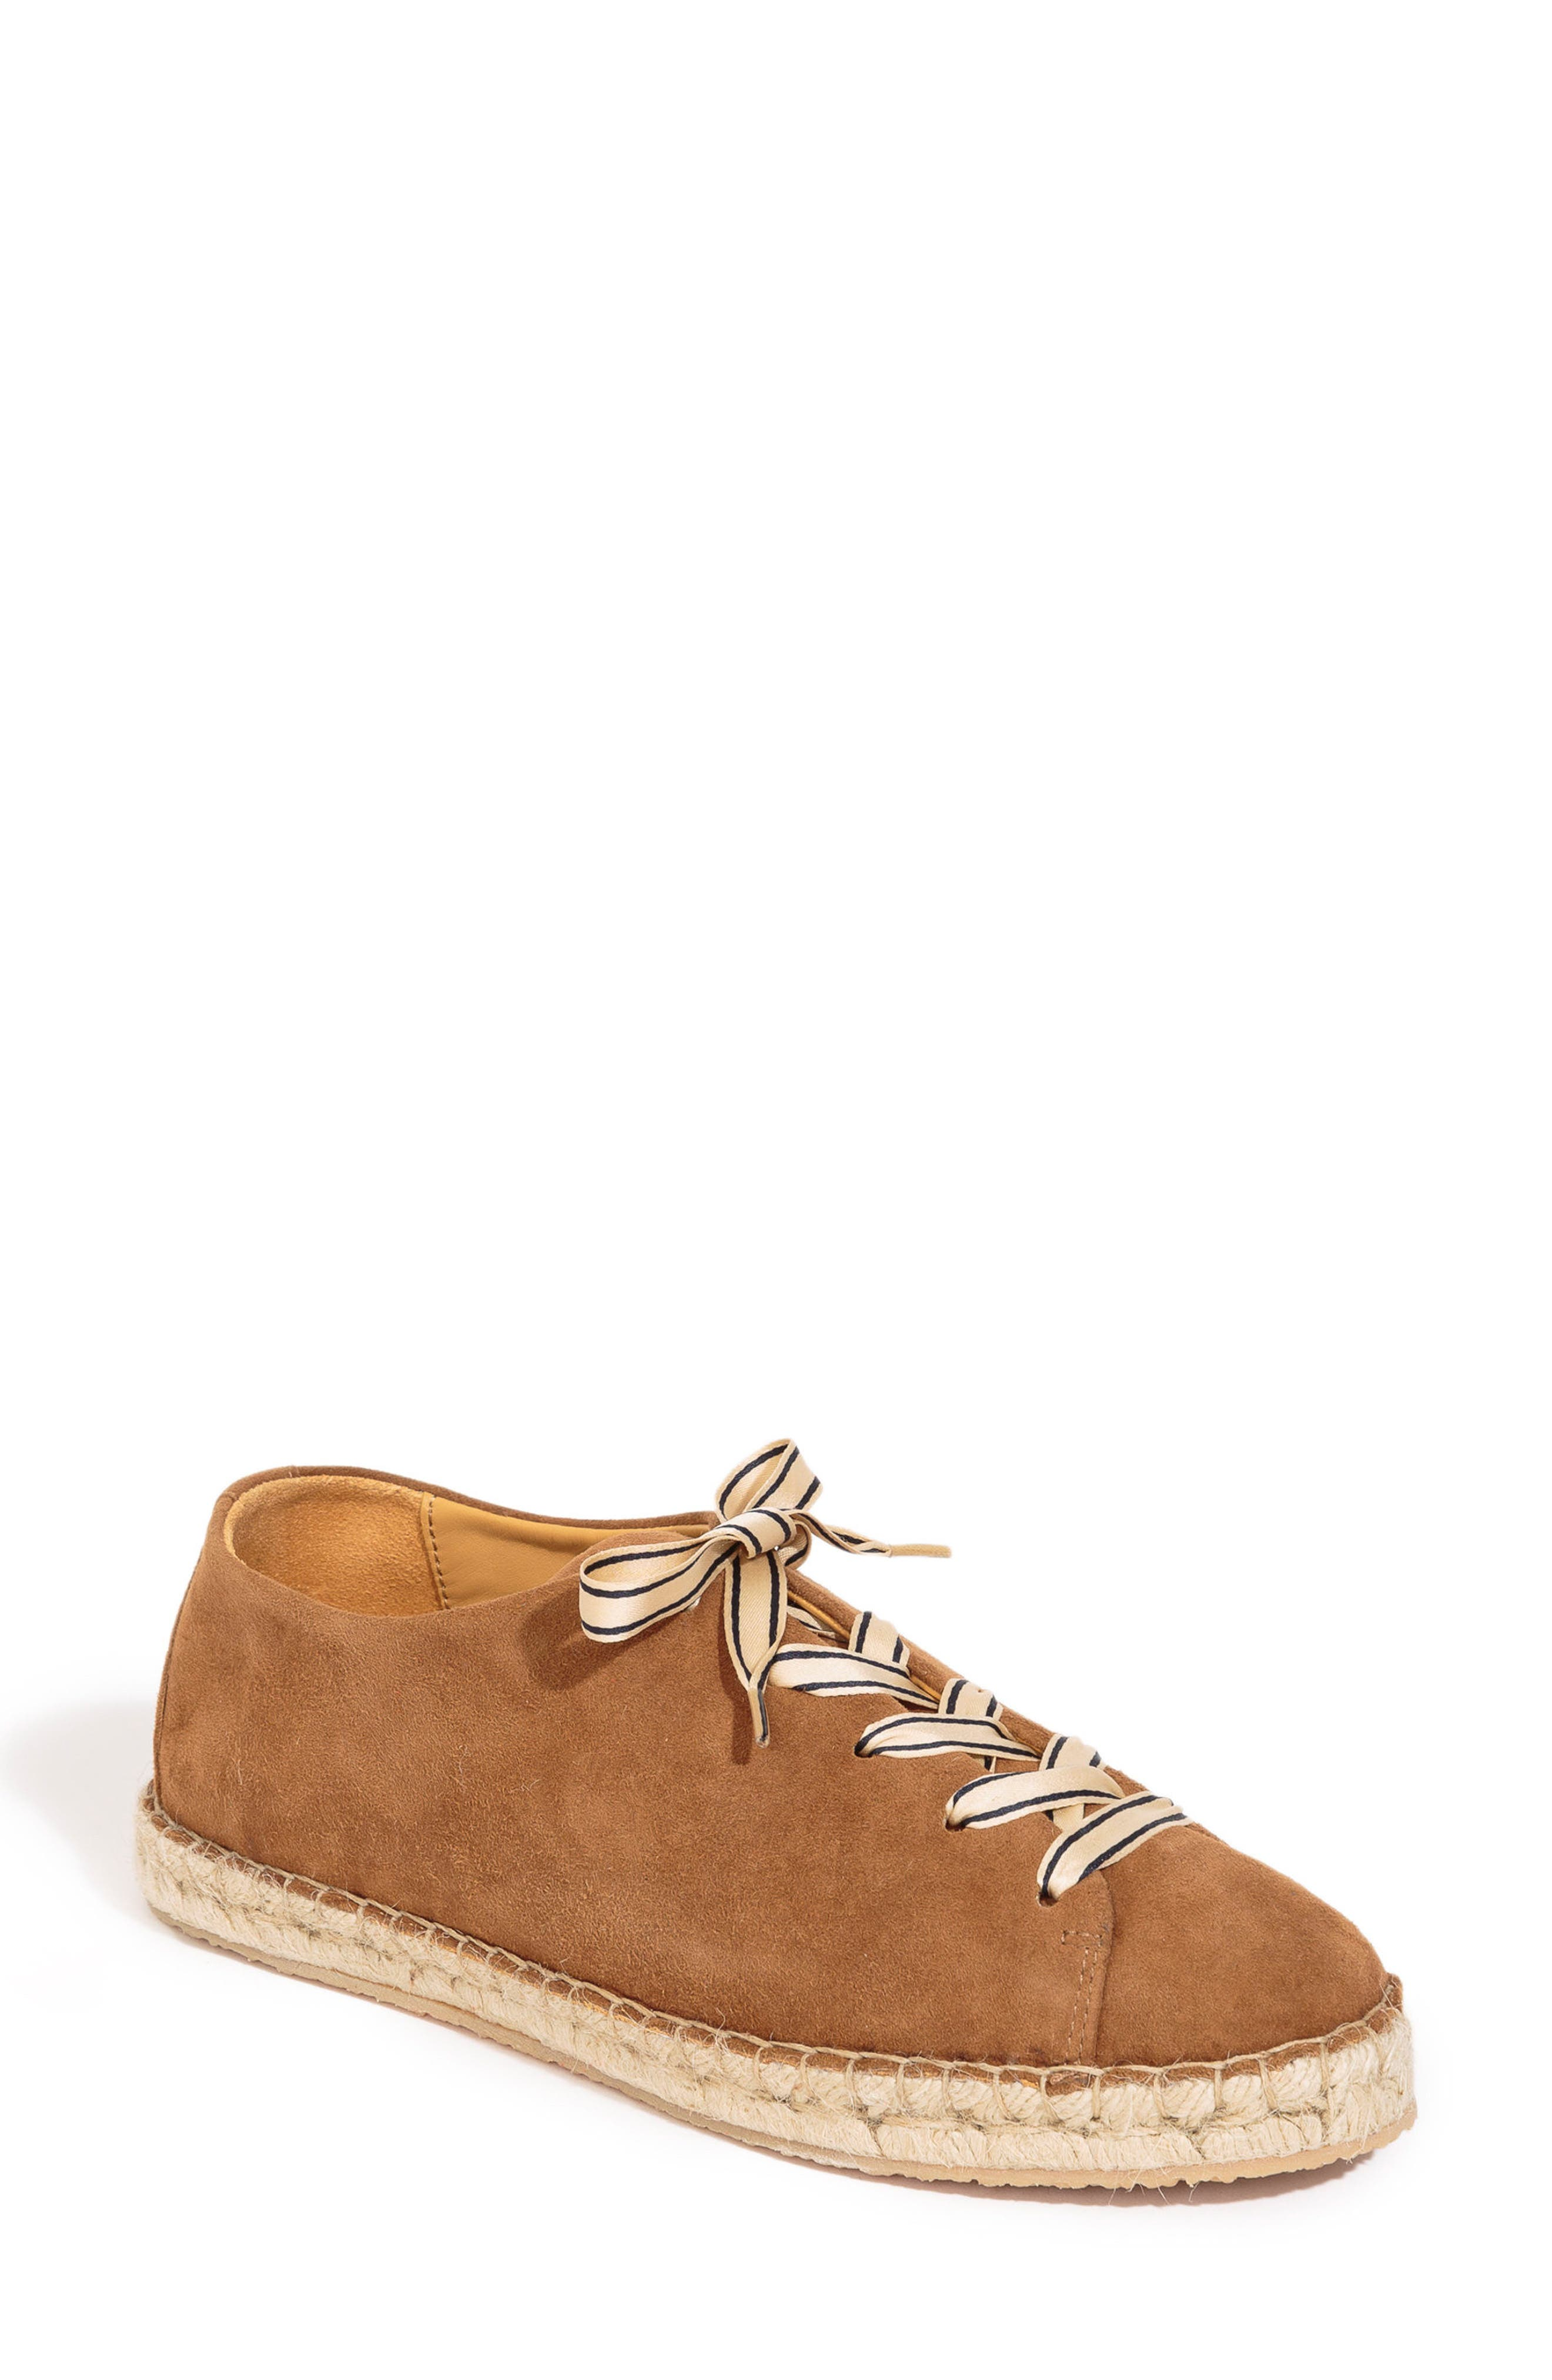 Julie Espadrille Sneaker,                         Main,                         color, 200